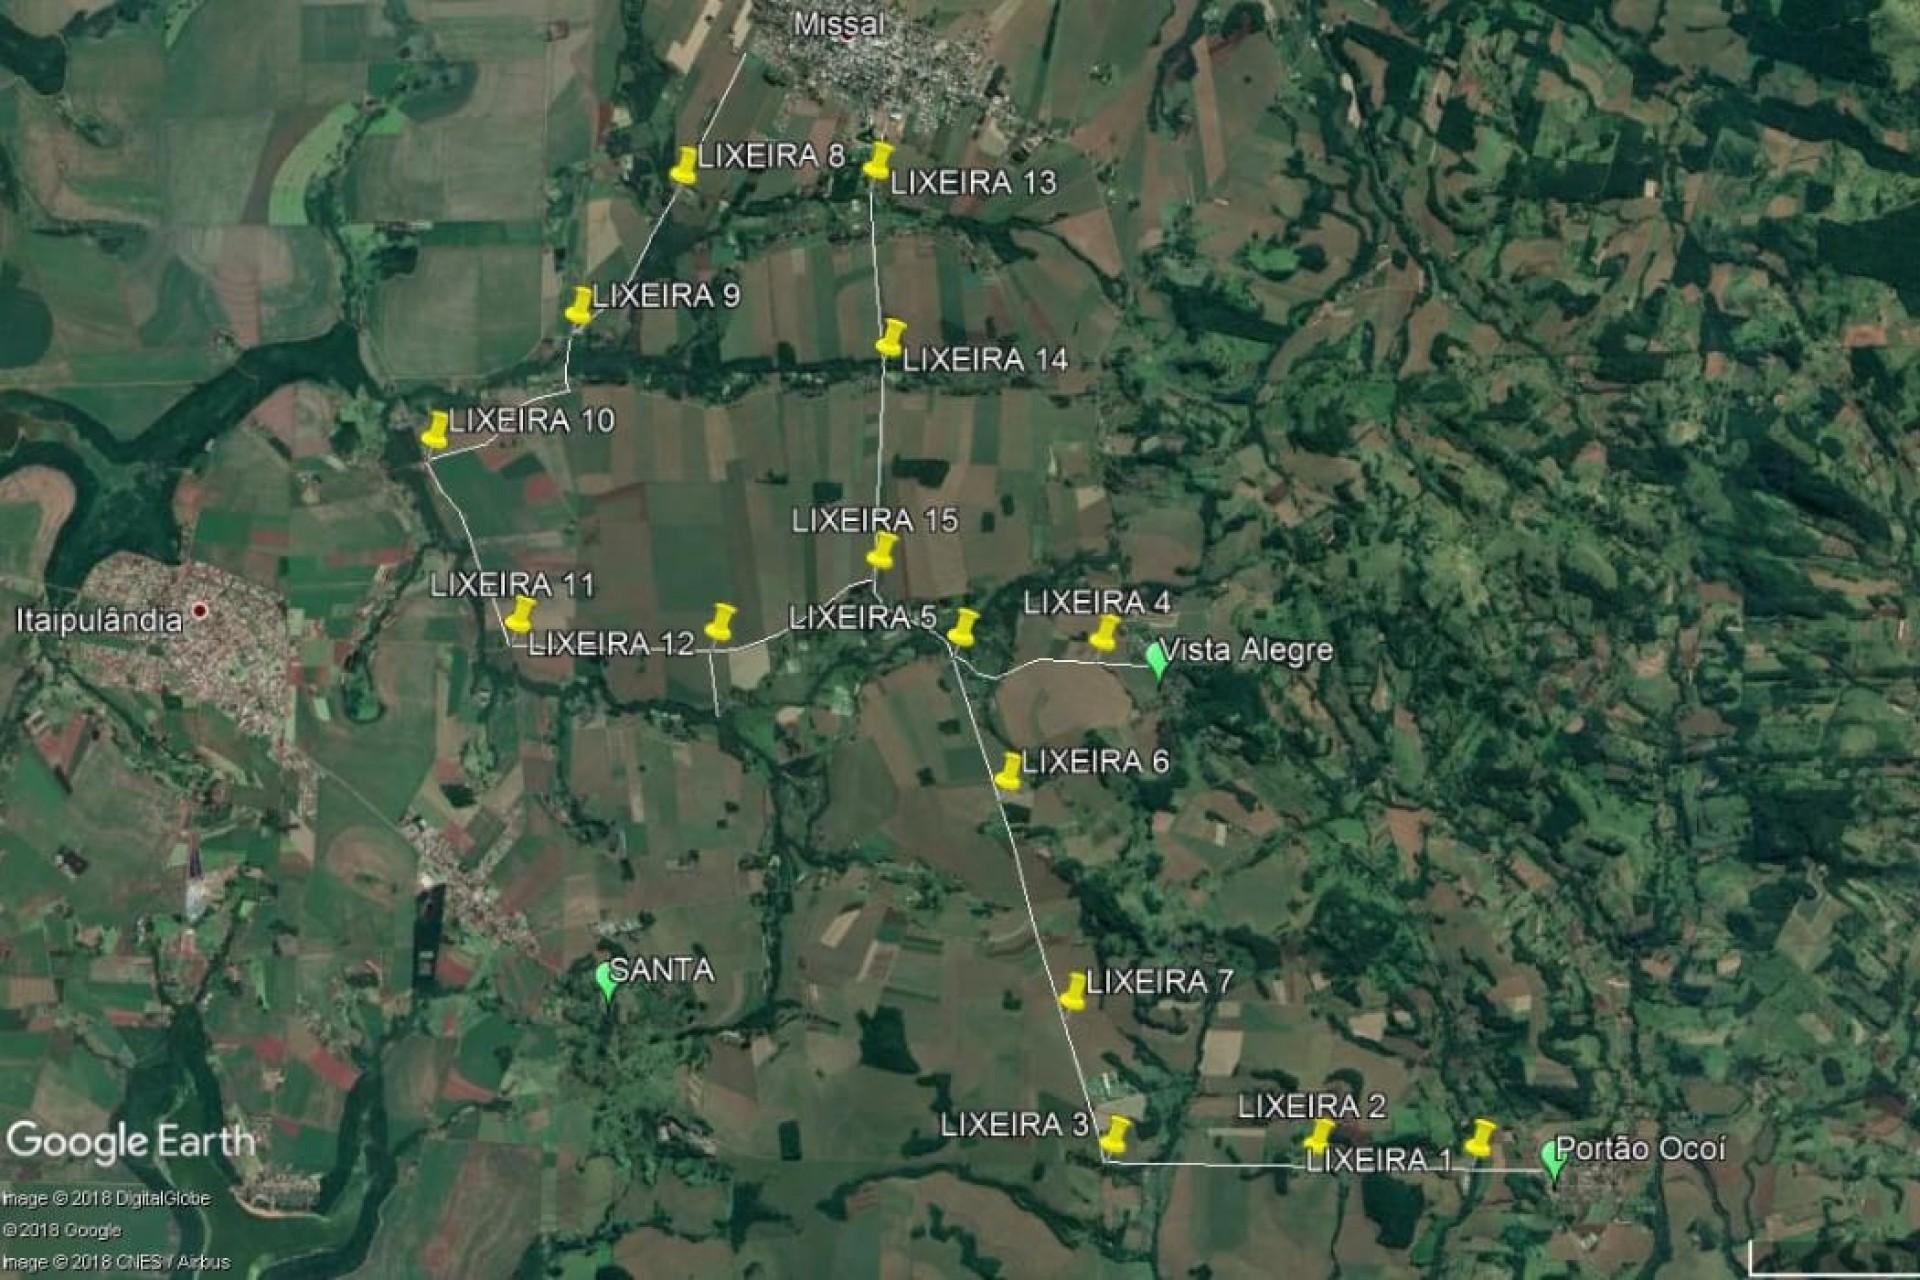 Missal: Município disponibiliza Bolsas de Ráfia no percurso para Imagem de Aparecida em Itaipulândia